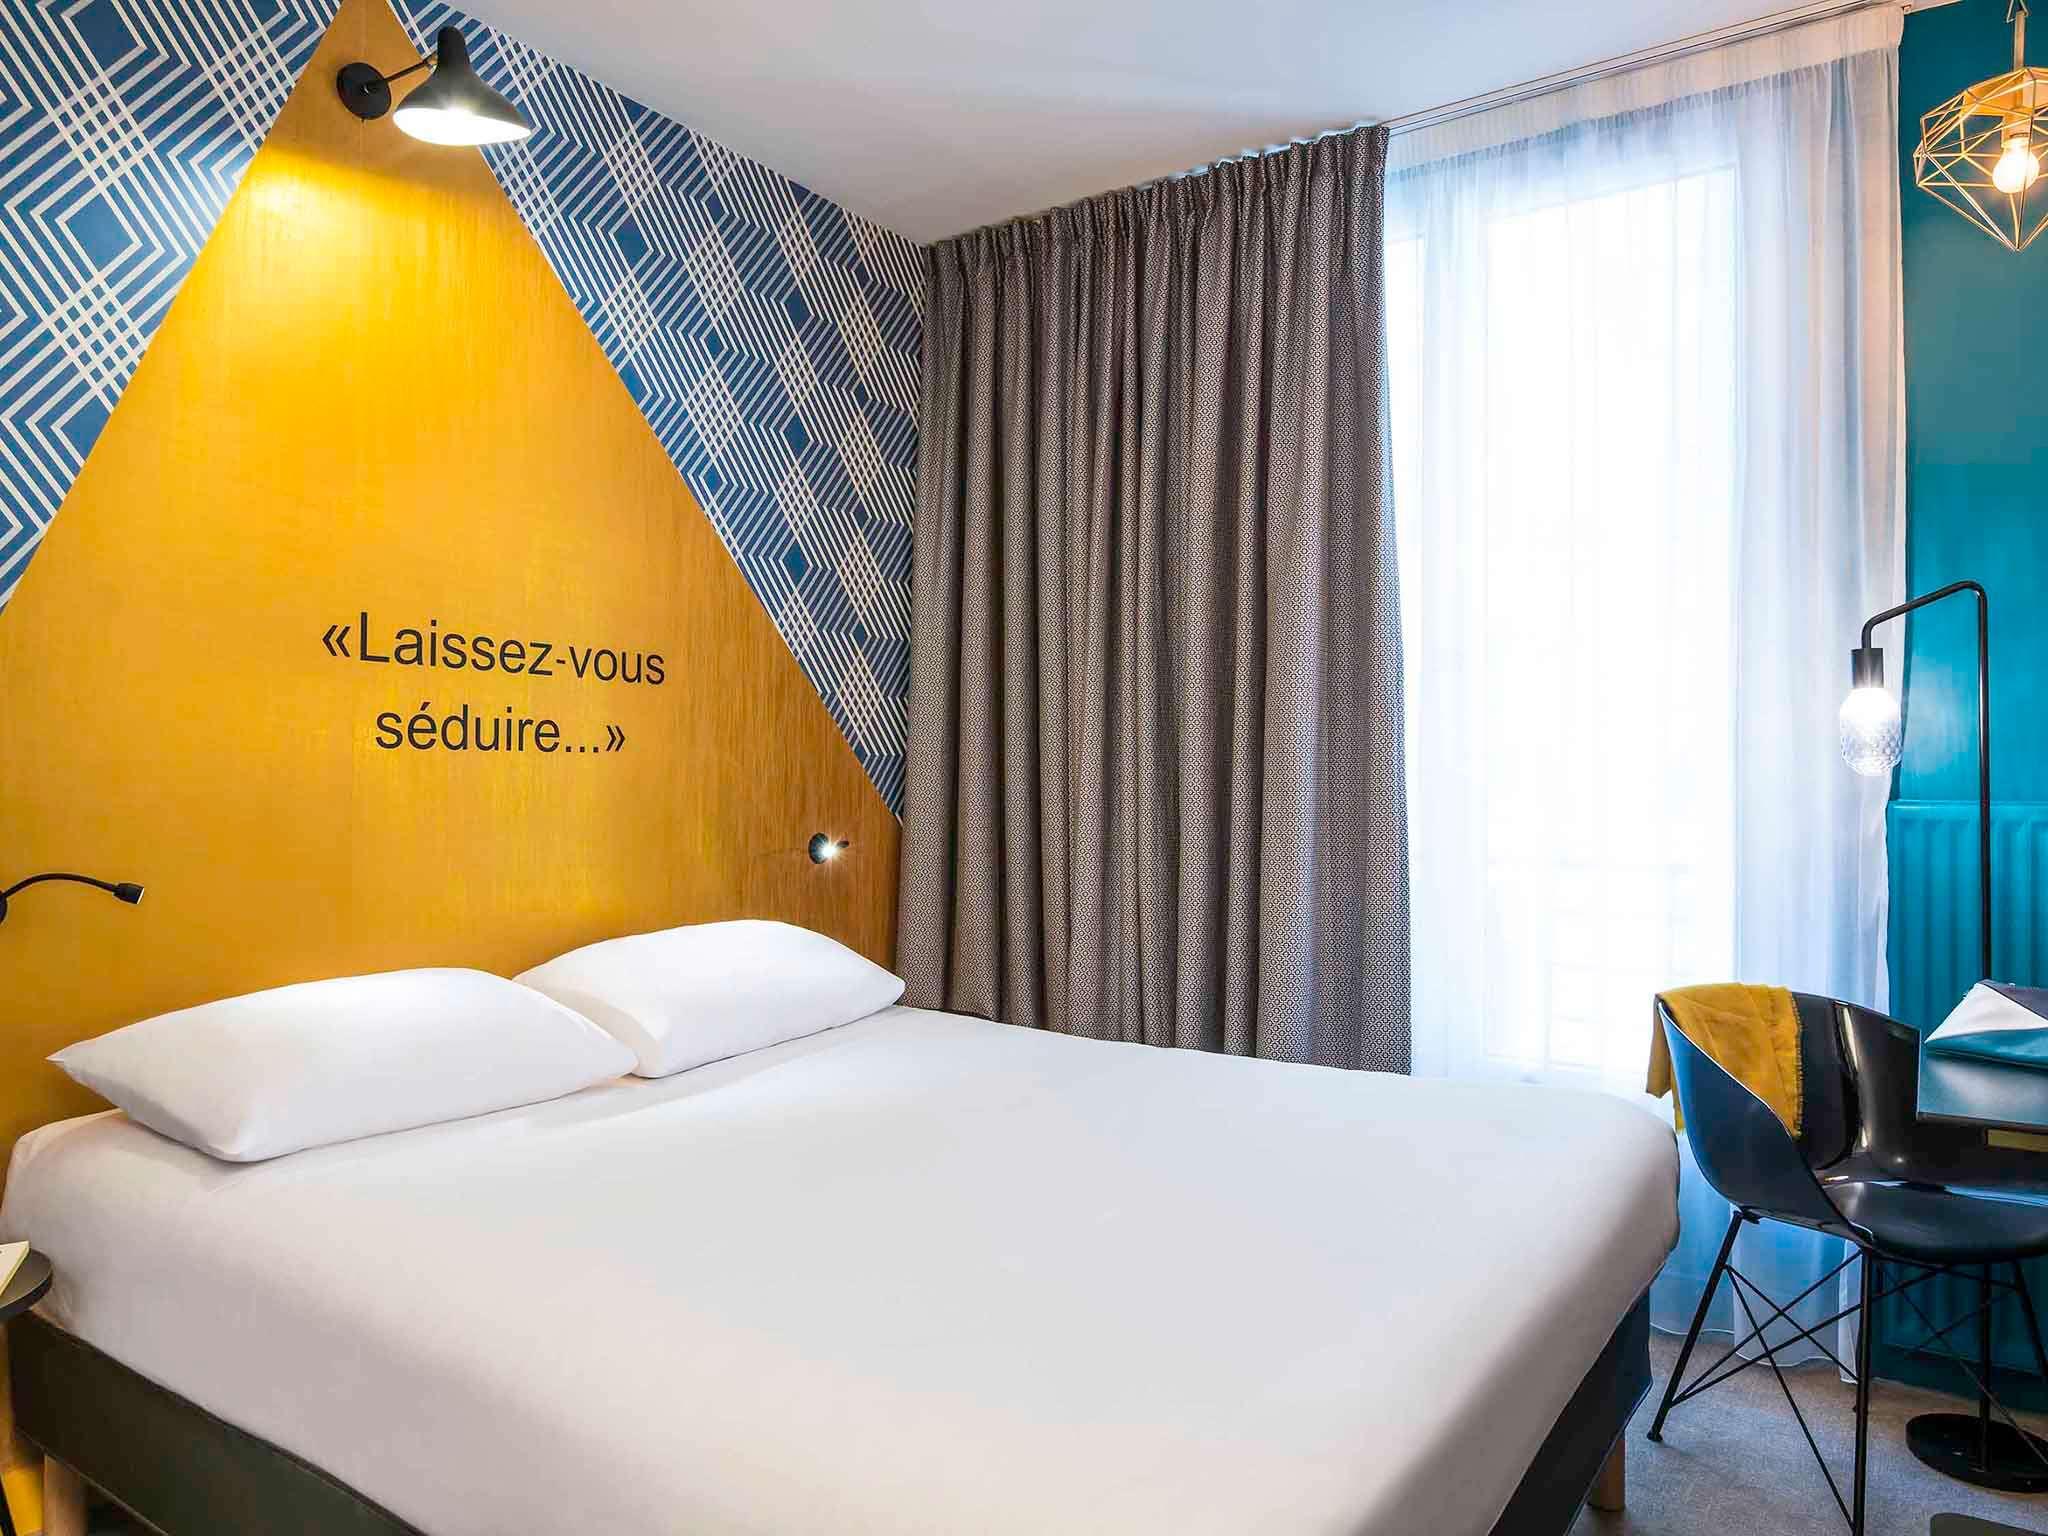 โรงแรม – ไอบิส สไตลส์ ปารีส 15 เลอคูร์